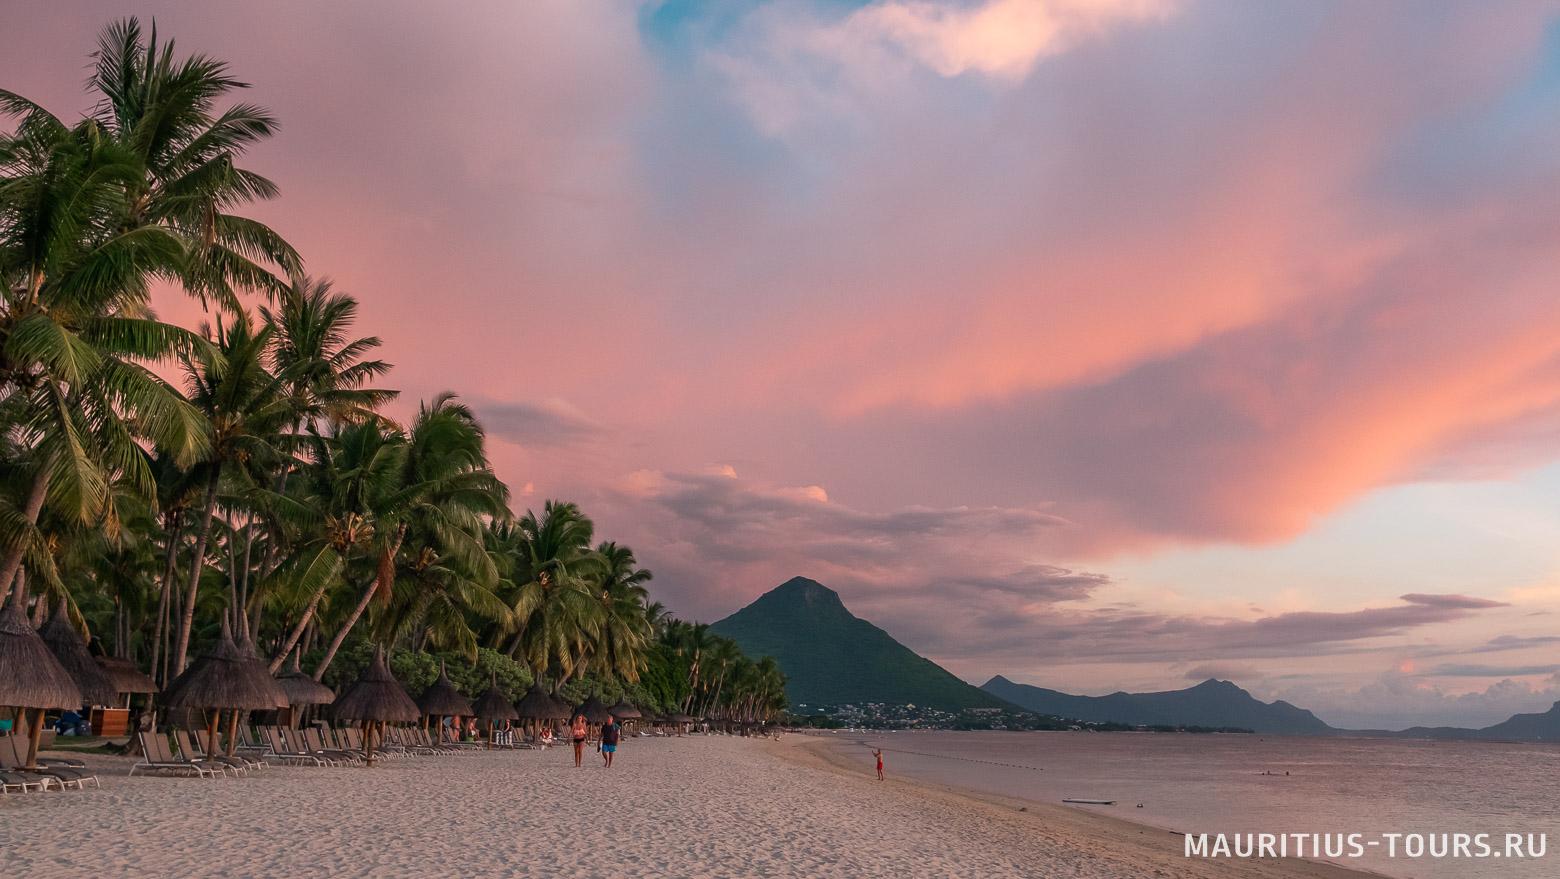 Особенности отдыха на Маврикии. Опасности и советы туристу